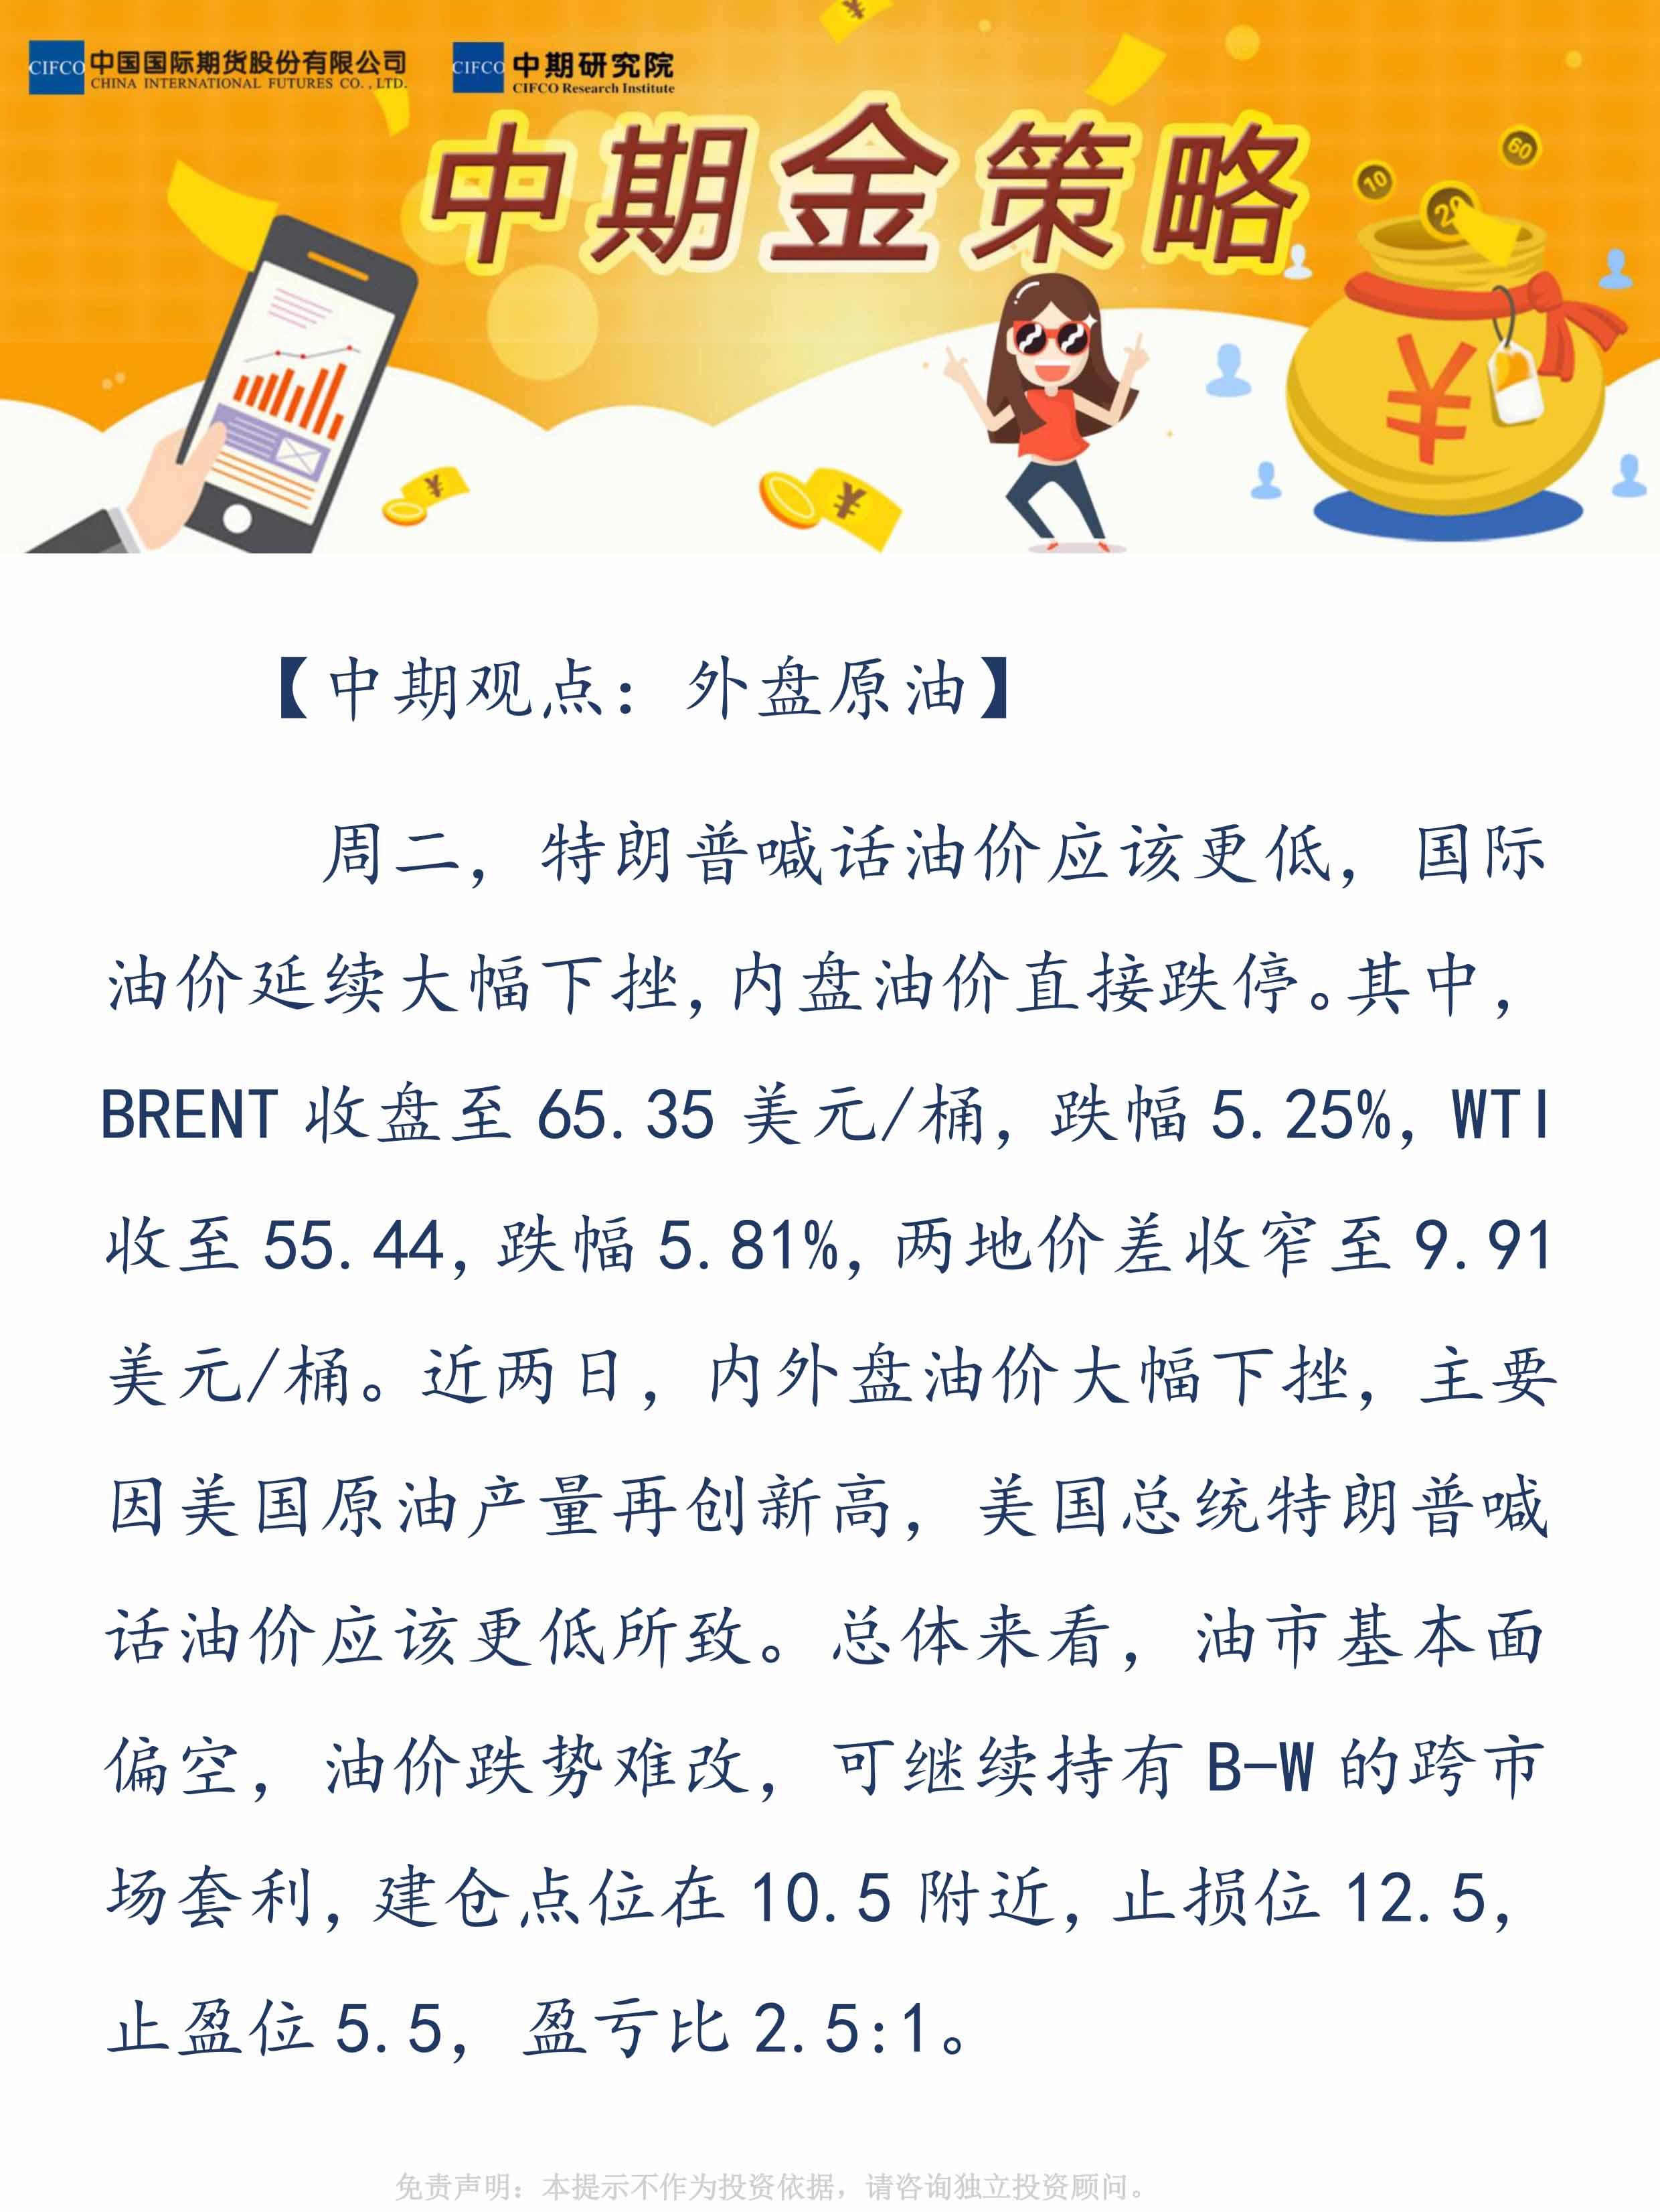 易胜博金策略-外盘原油20181114-暴玲玲.jpg